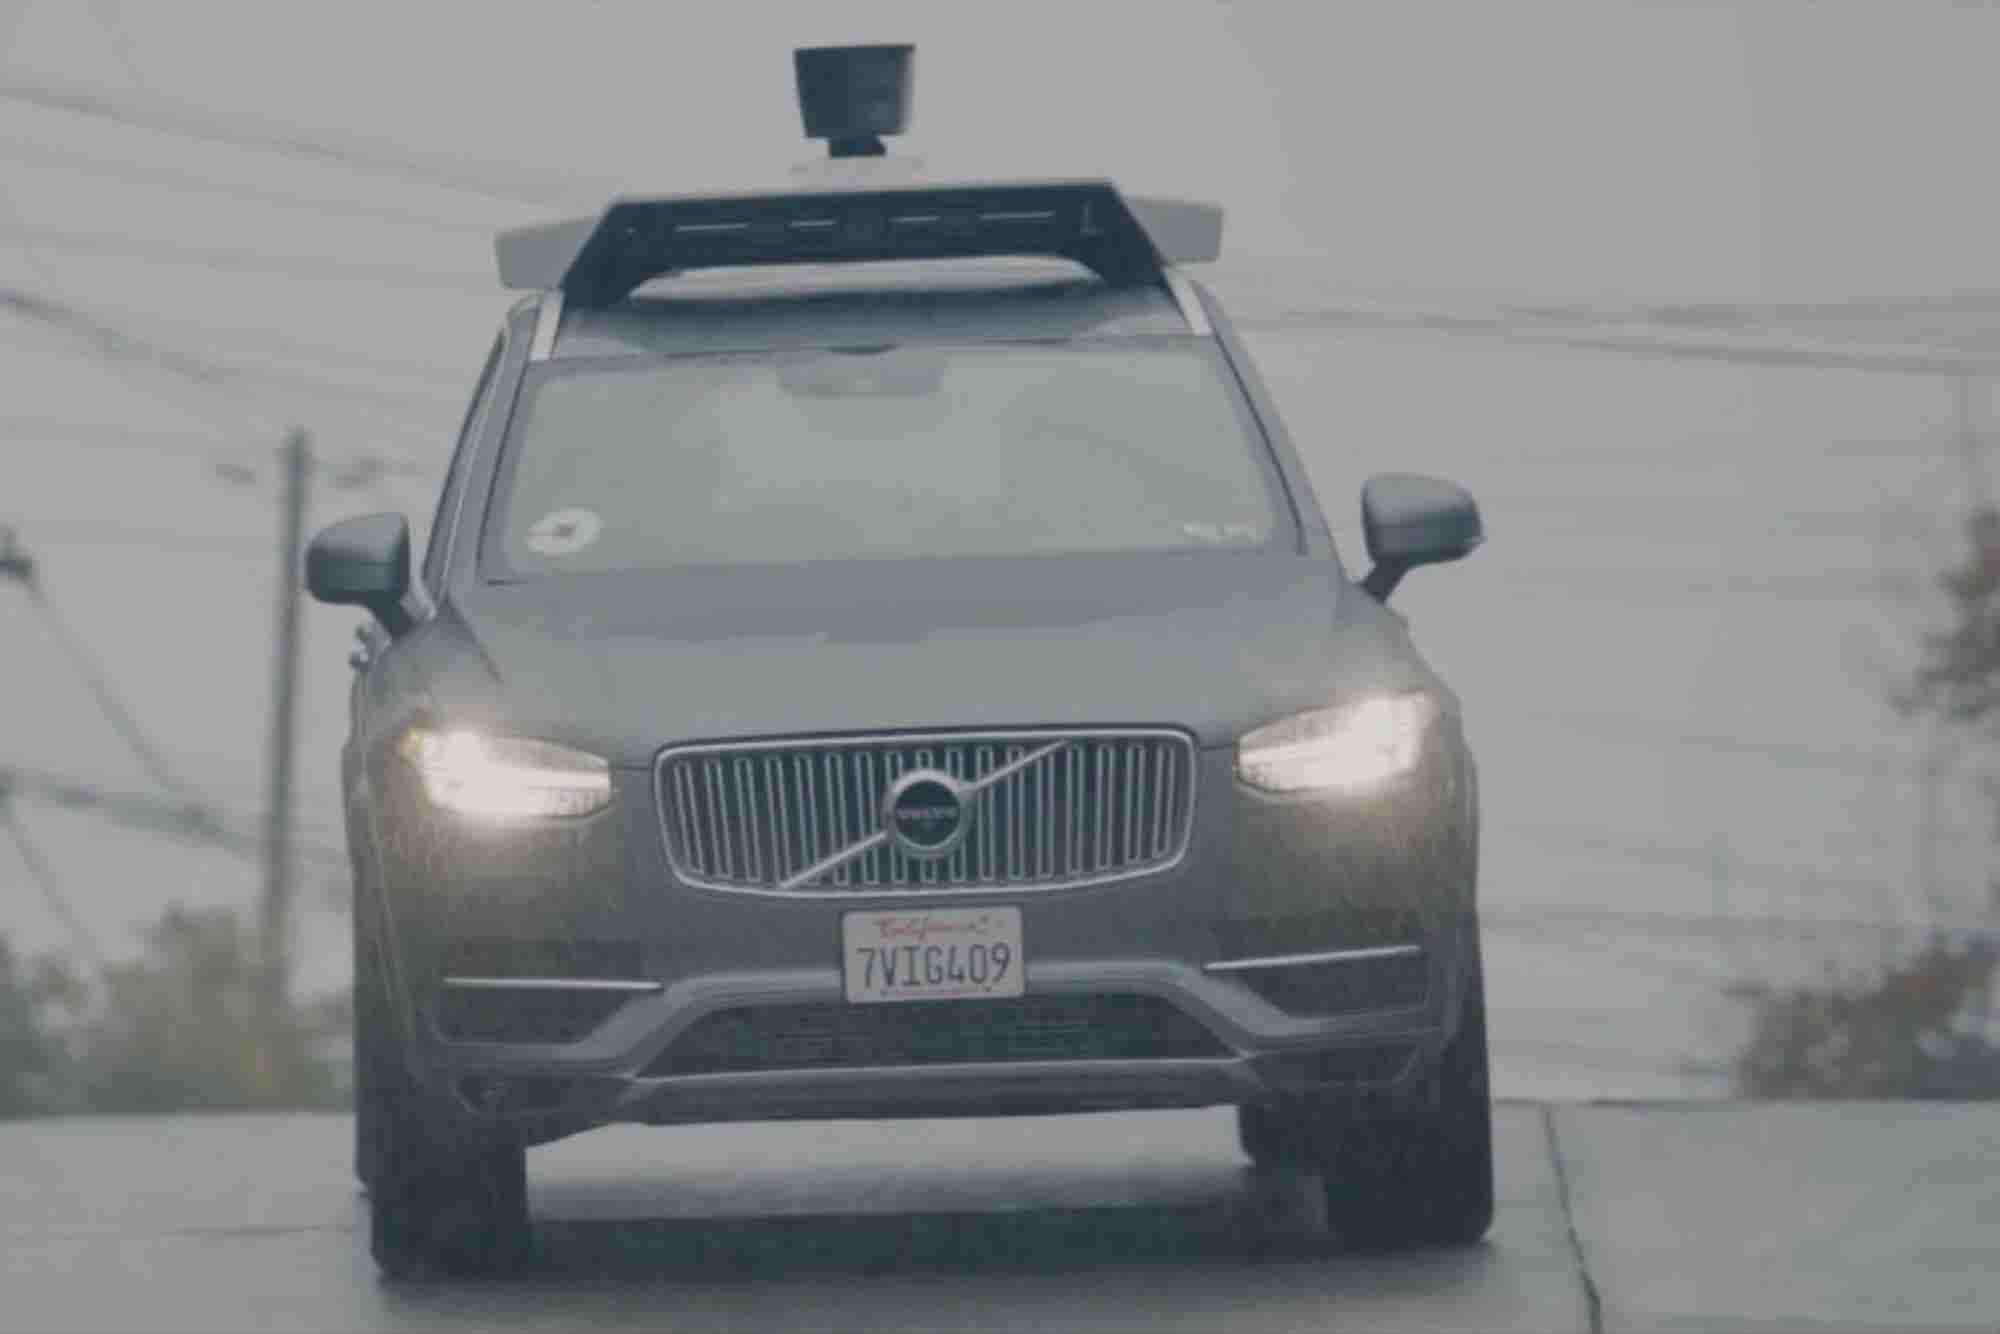 Un Uber autónomo atropella y mata a mujer en Estados Unidos